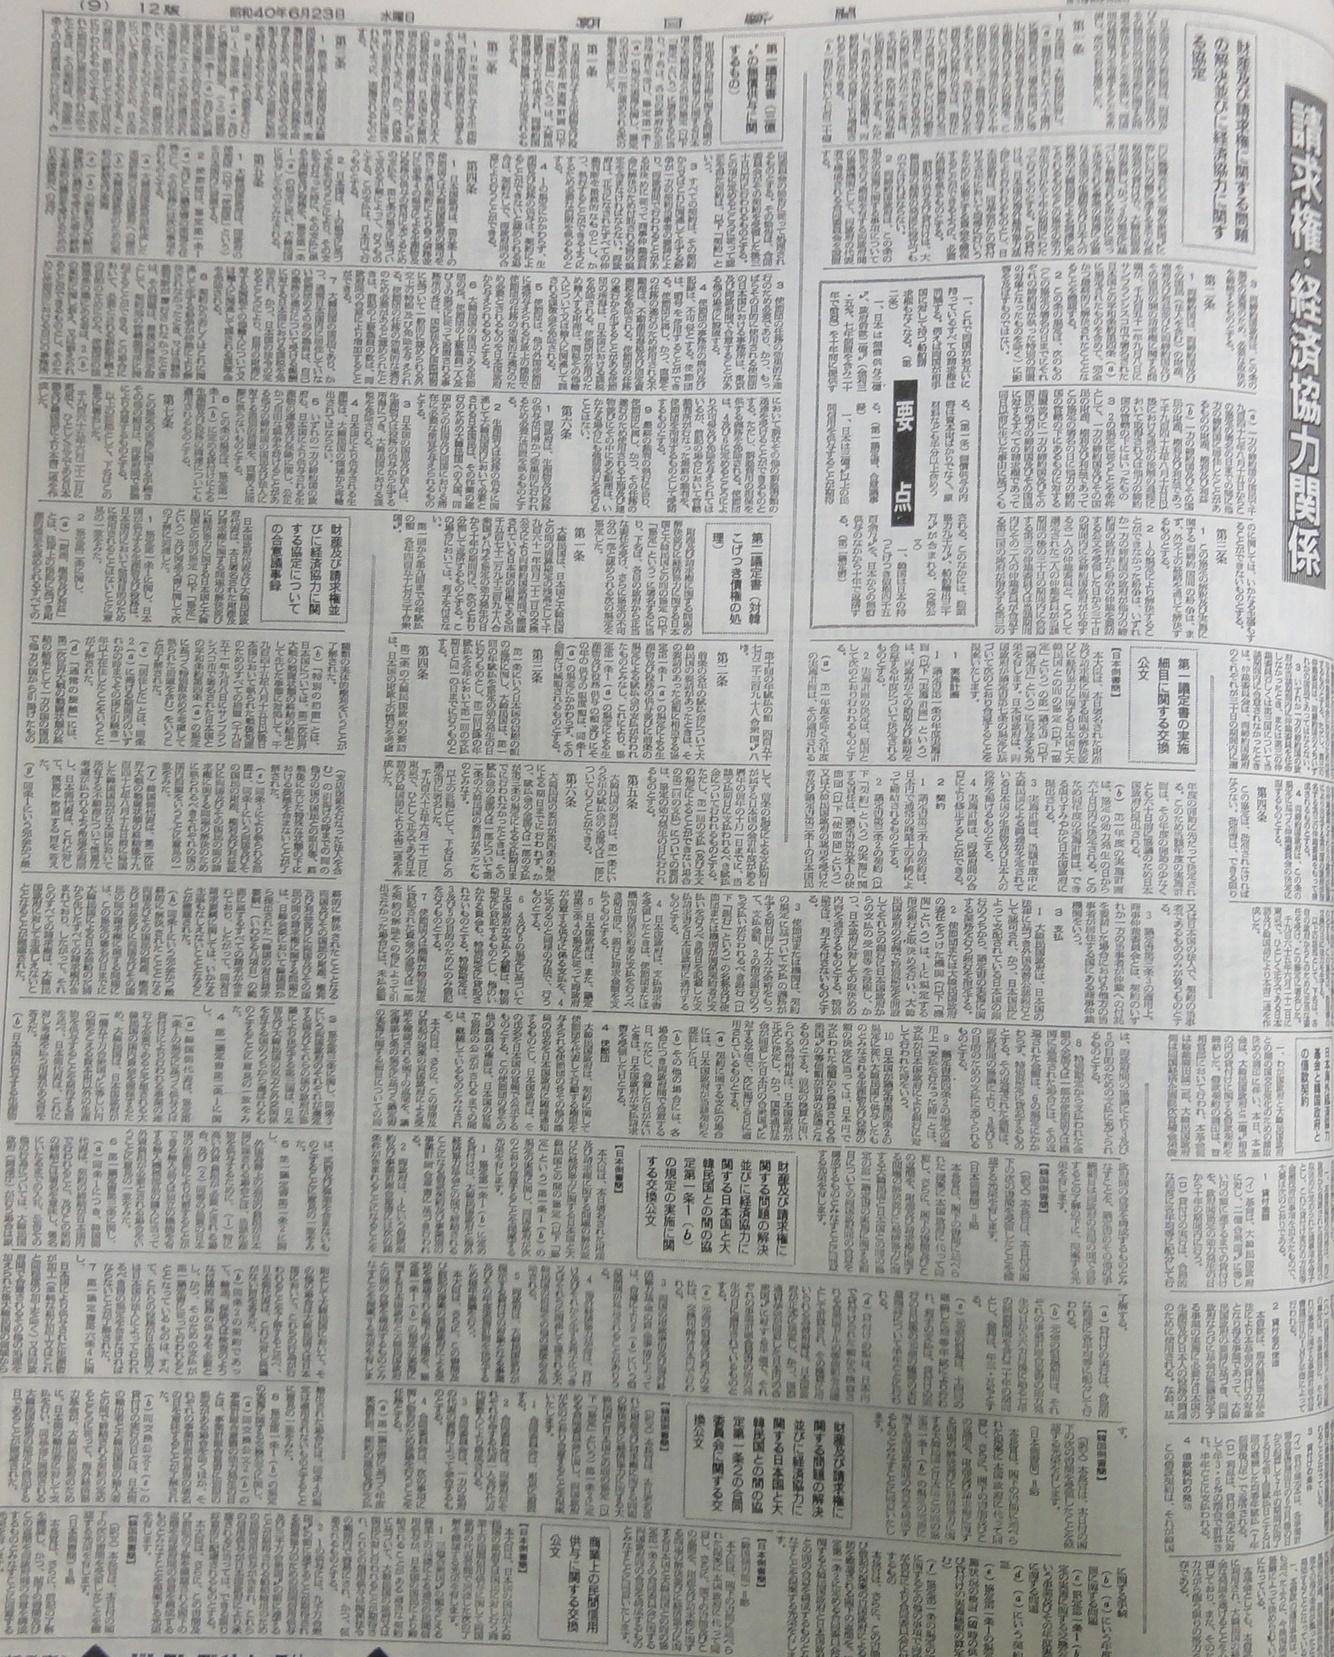 1965年日韓請求権協定 (朝日)